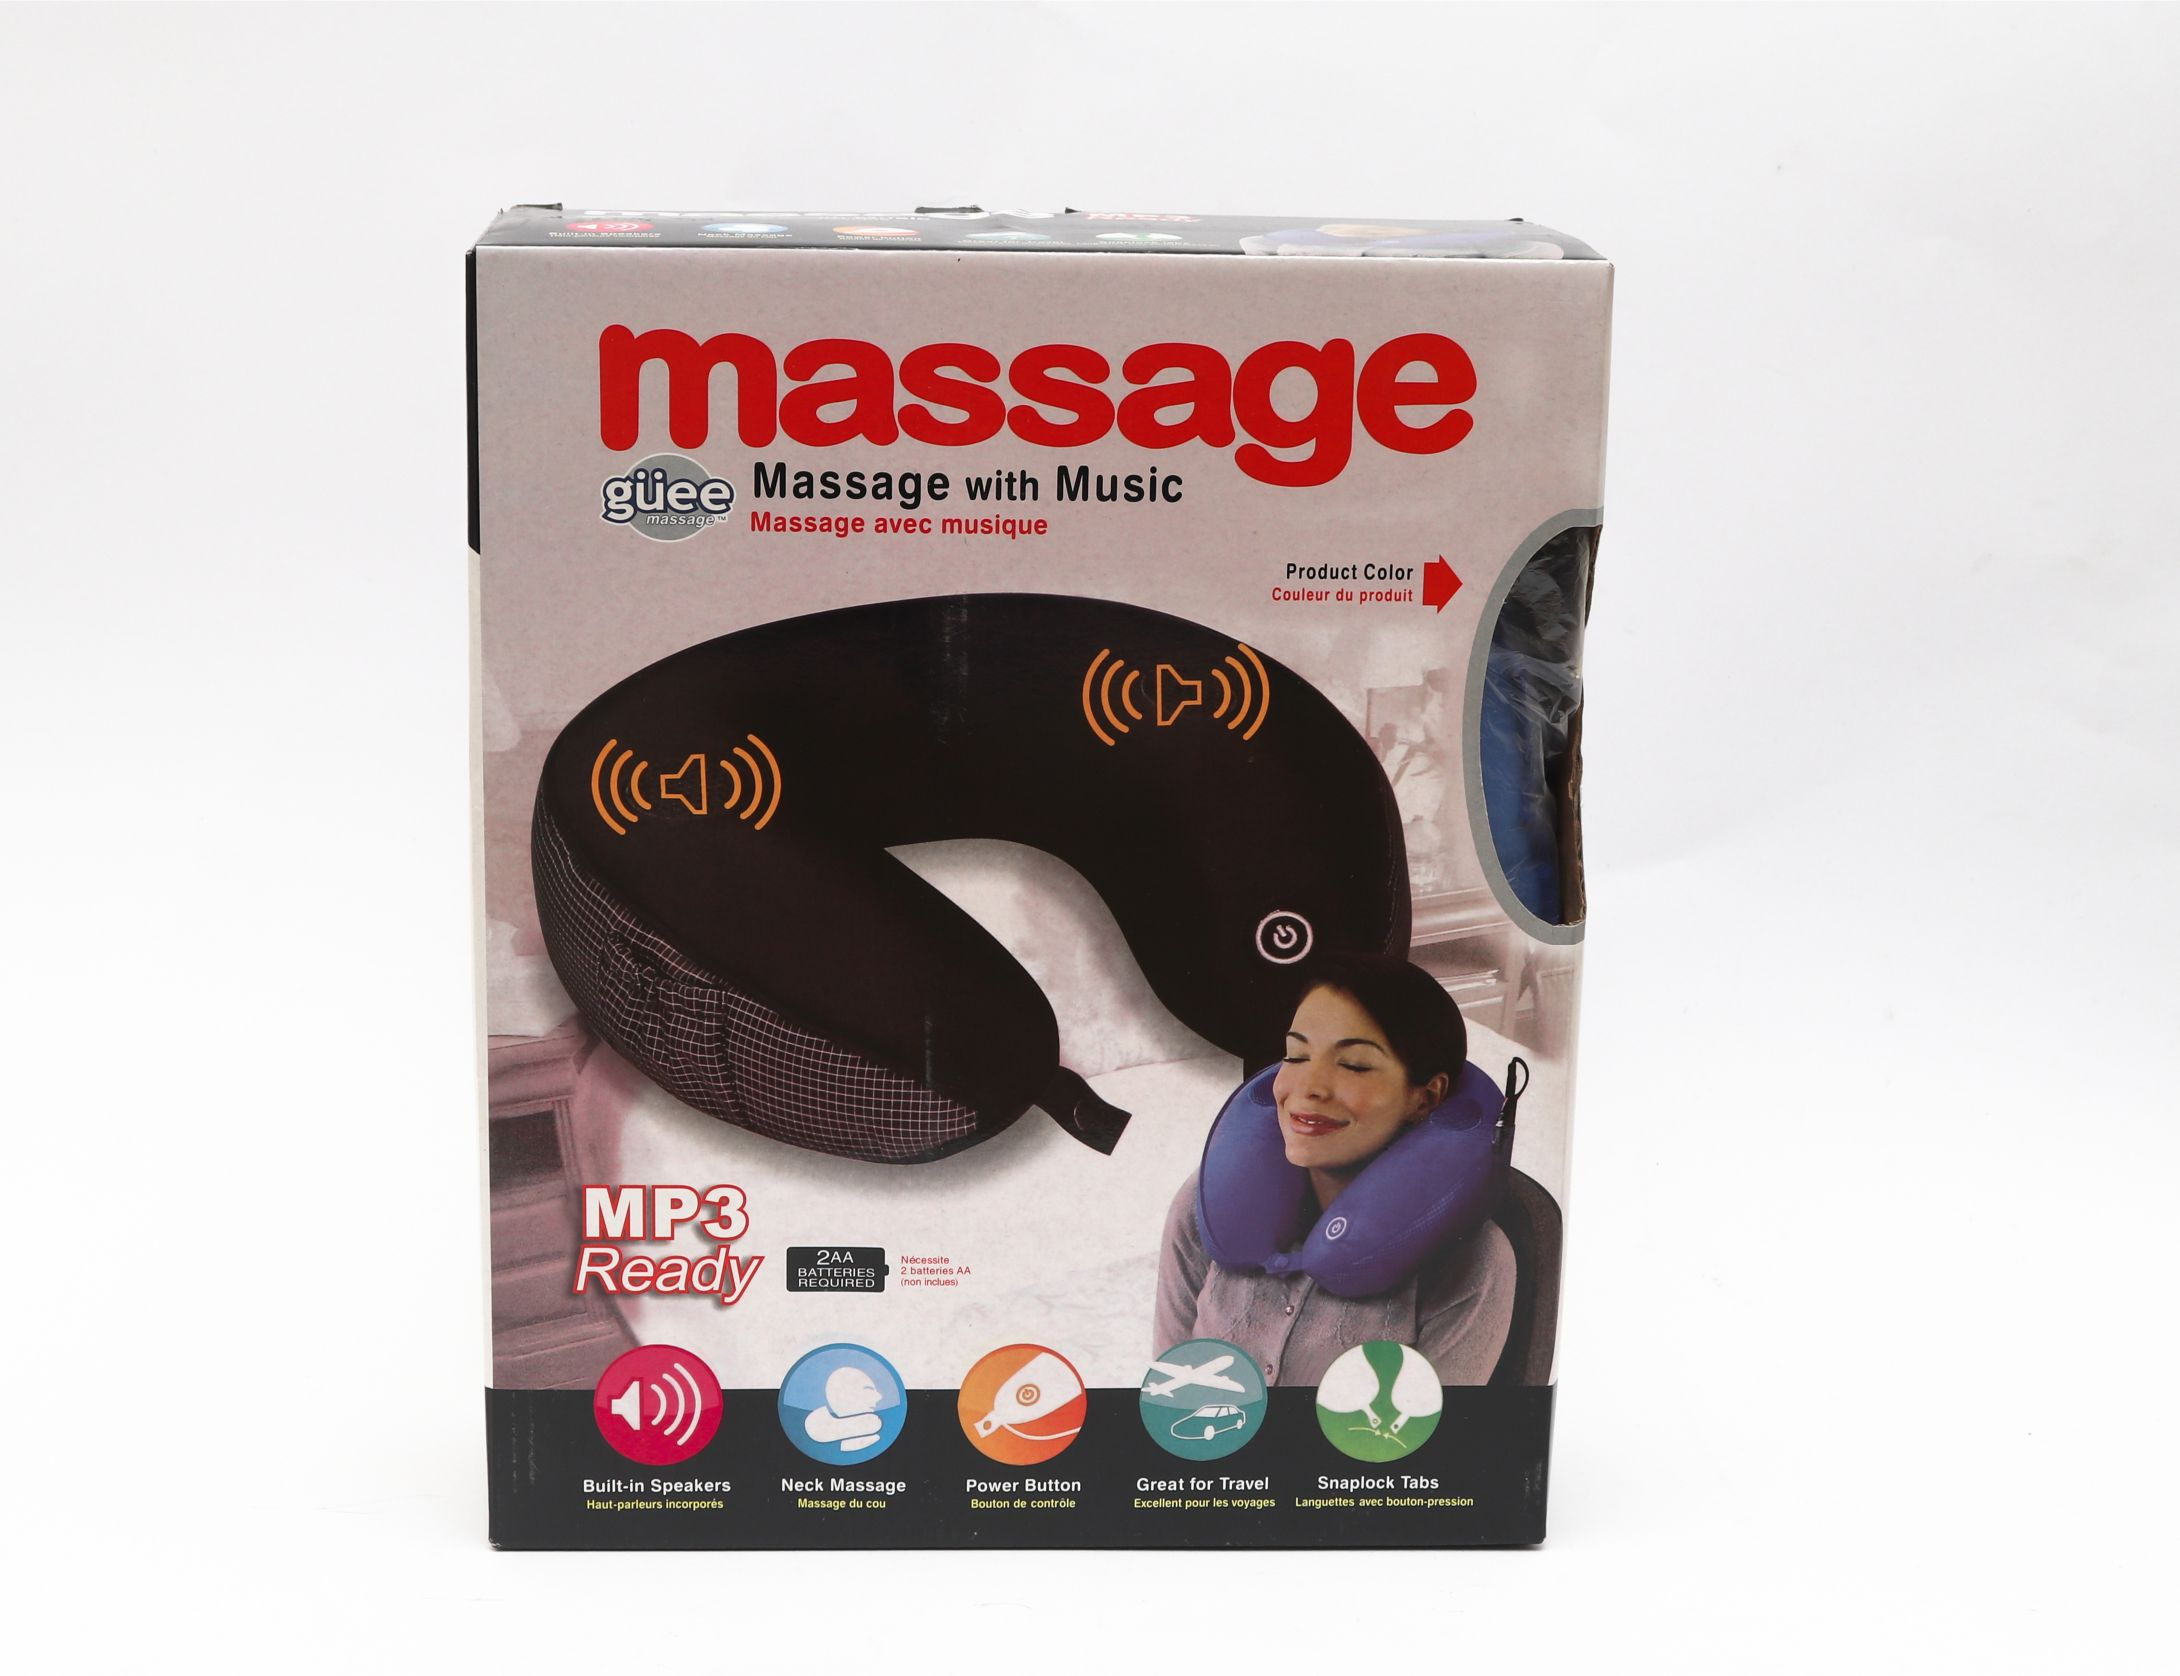 وسادة للرقبة Massage guee